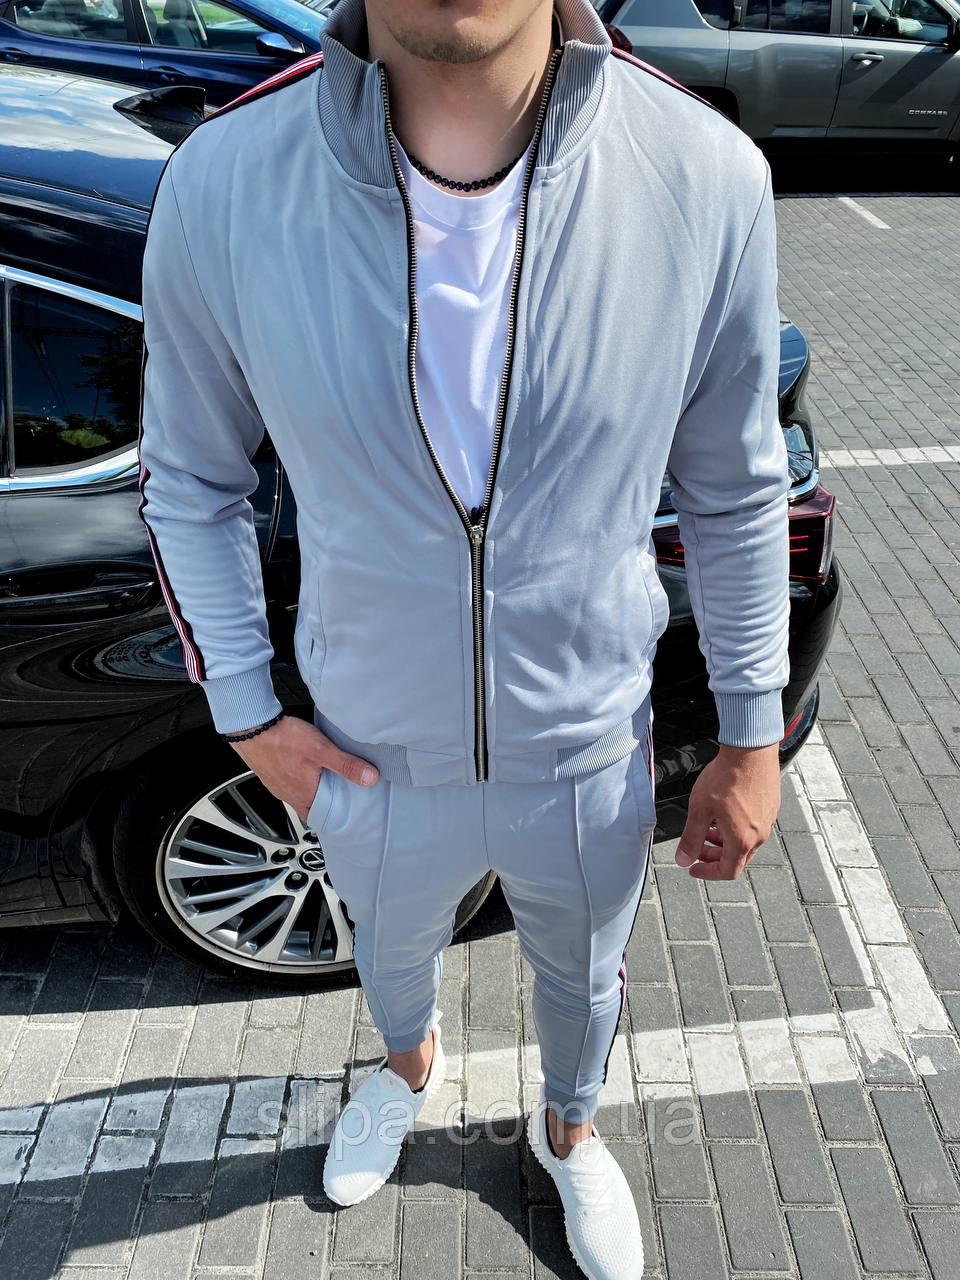 Серый спортивный костюм мужской с цветным лампасом без капюшона | Турция | 100% хлопок